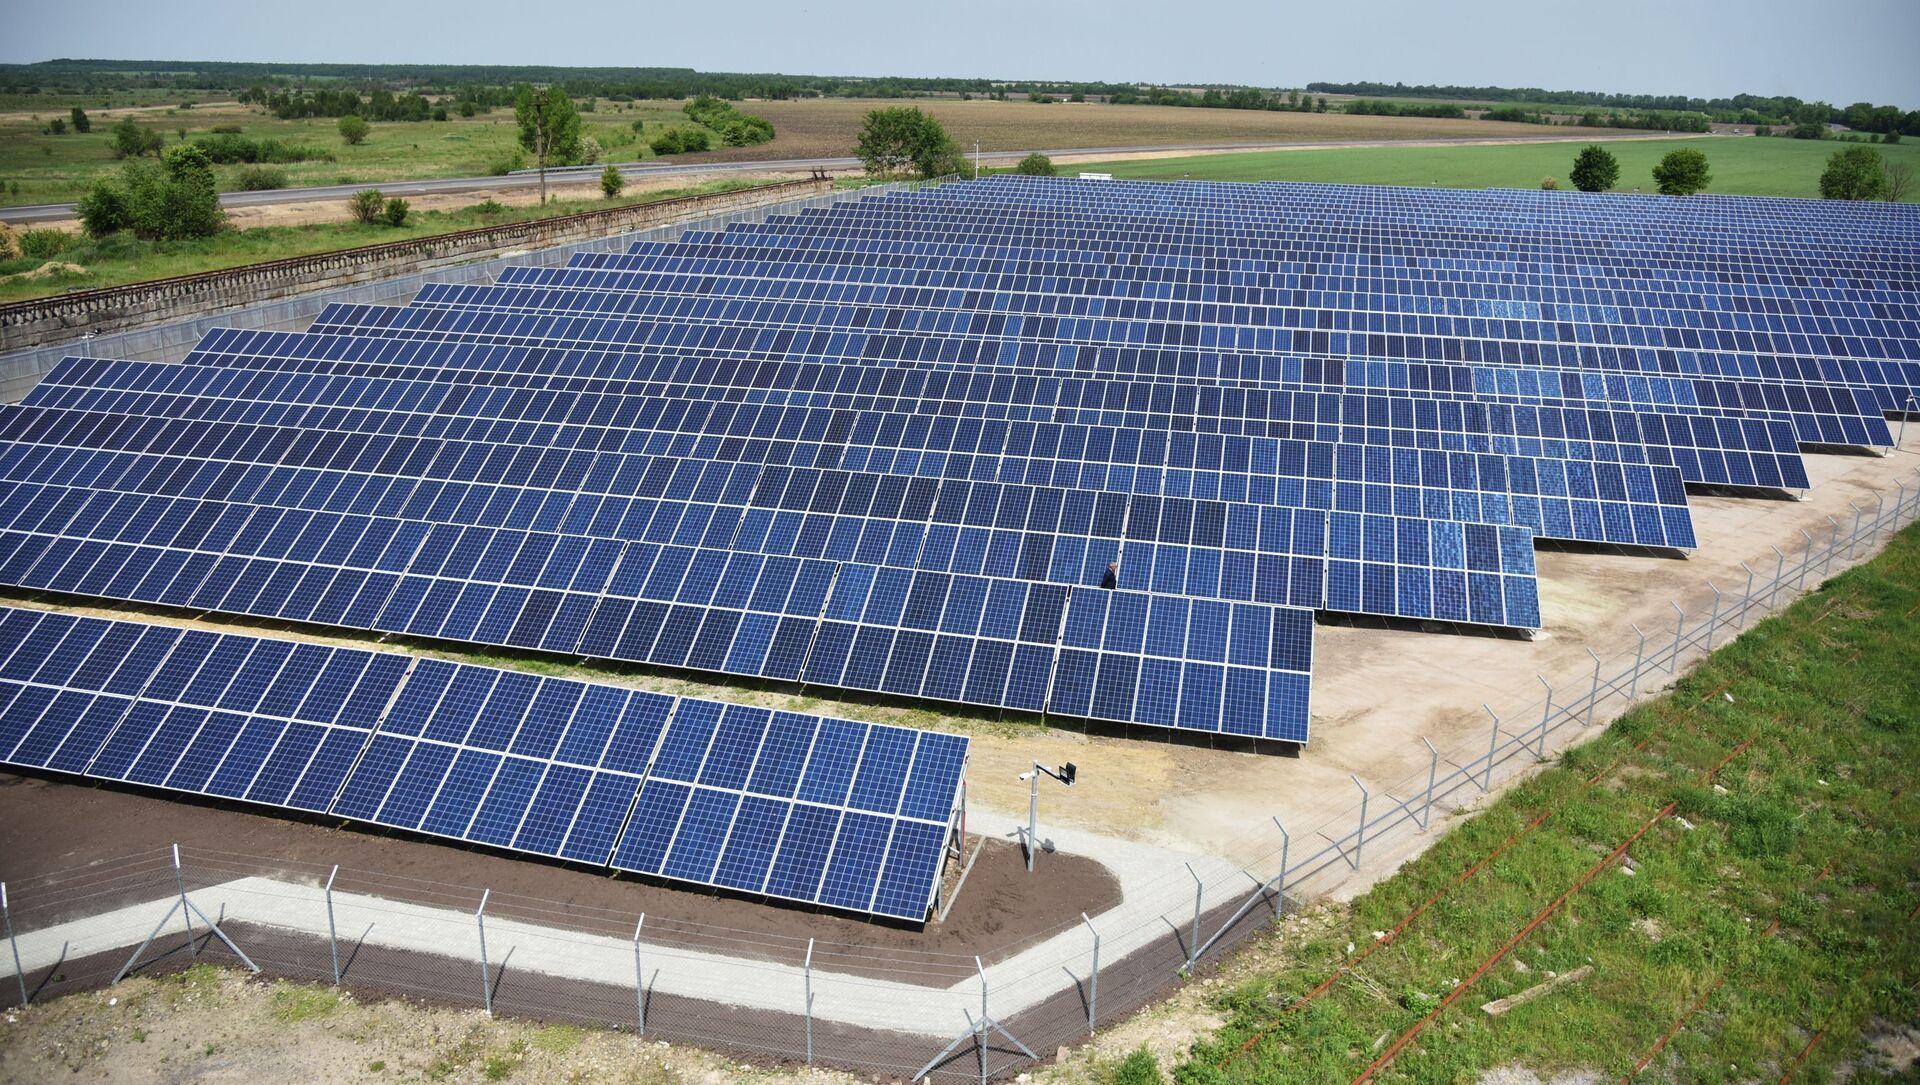 Открытие солнечной электростанции во Львовской области - Sputnik Абхазия, 1920, 14.09.2021